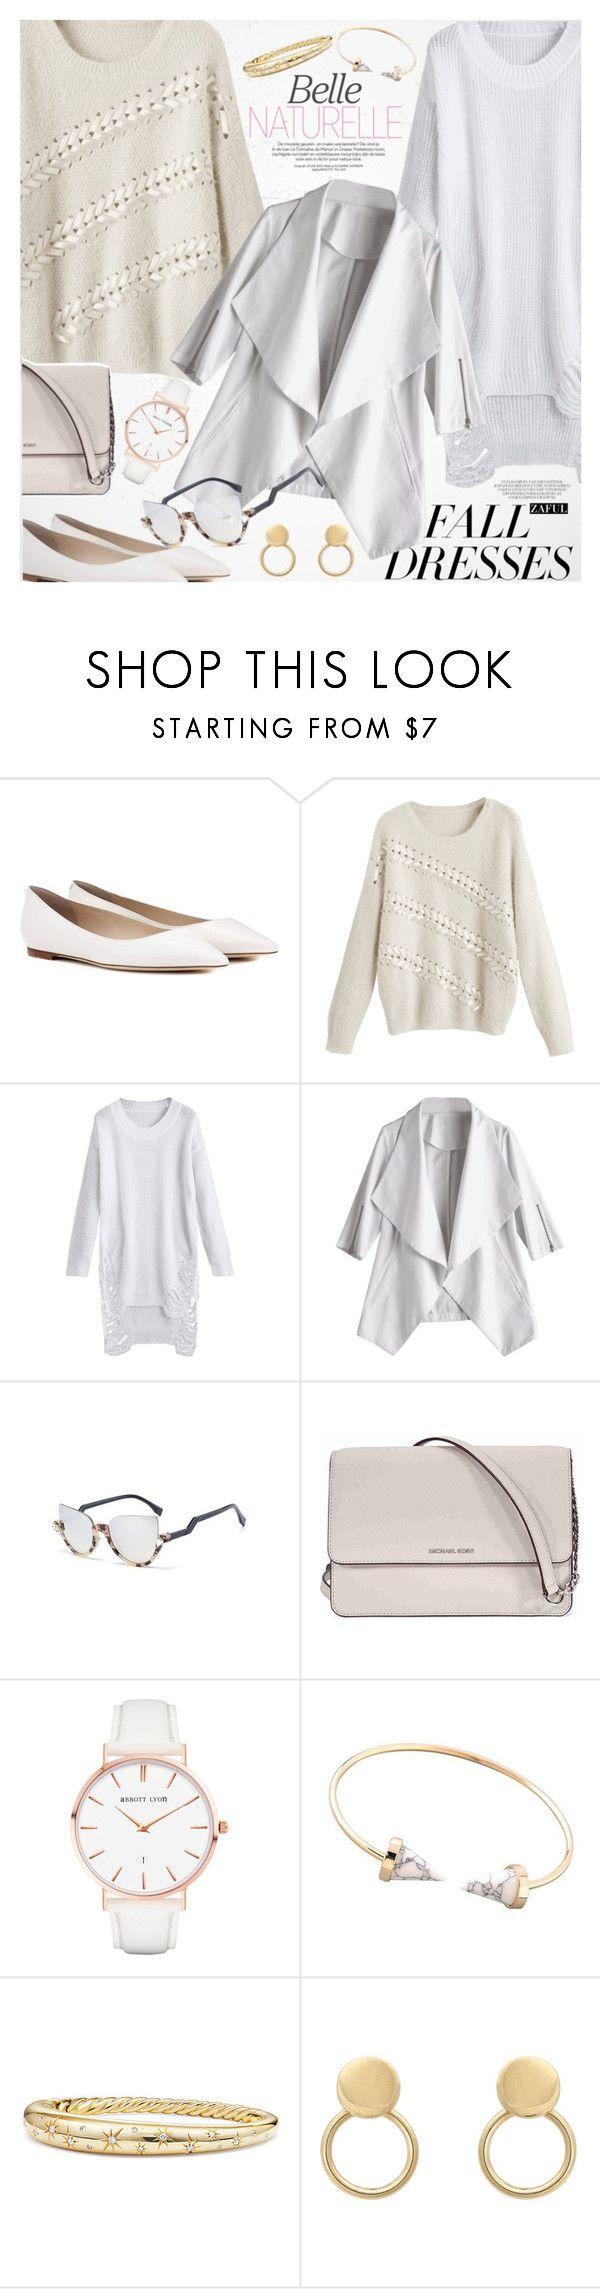 """""""Fall Fashion: Dresses"""" by vanjazivadinovic ❤ liked on Polyvore featuring Jimmy Choo, Michael Kors, Abbott Lyon, David Yurman, polyvoreeditorial, falldress and zaful"""